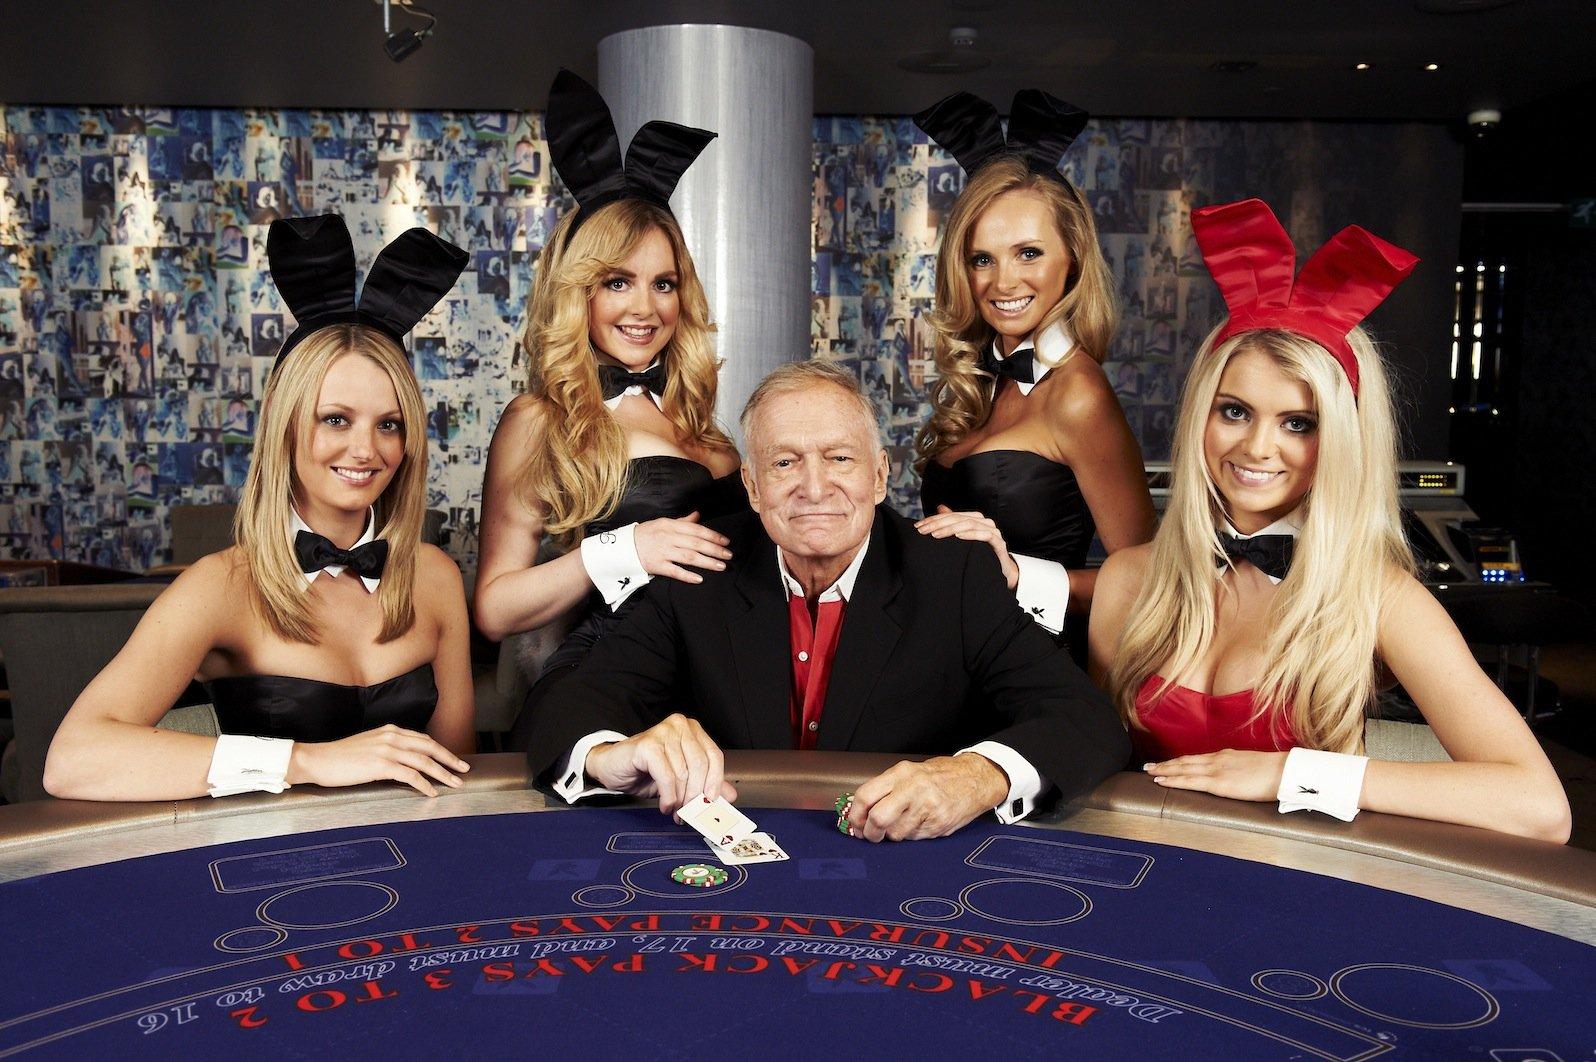 Məşhur Playboy jurnalının yaradıcısı Hugh Hefner, 91 yaşında vəfat etdi